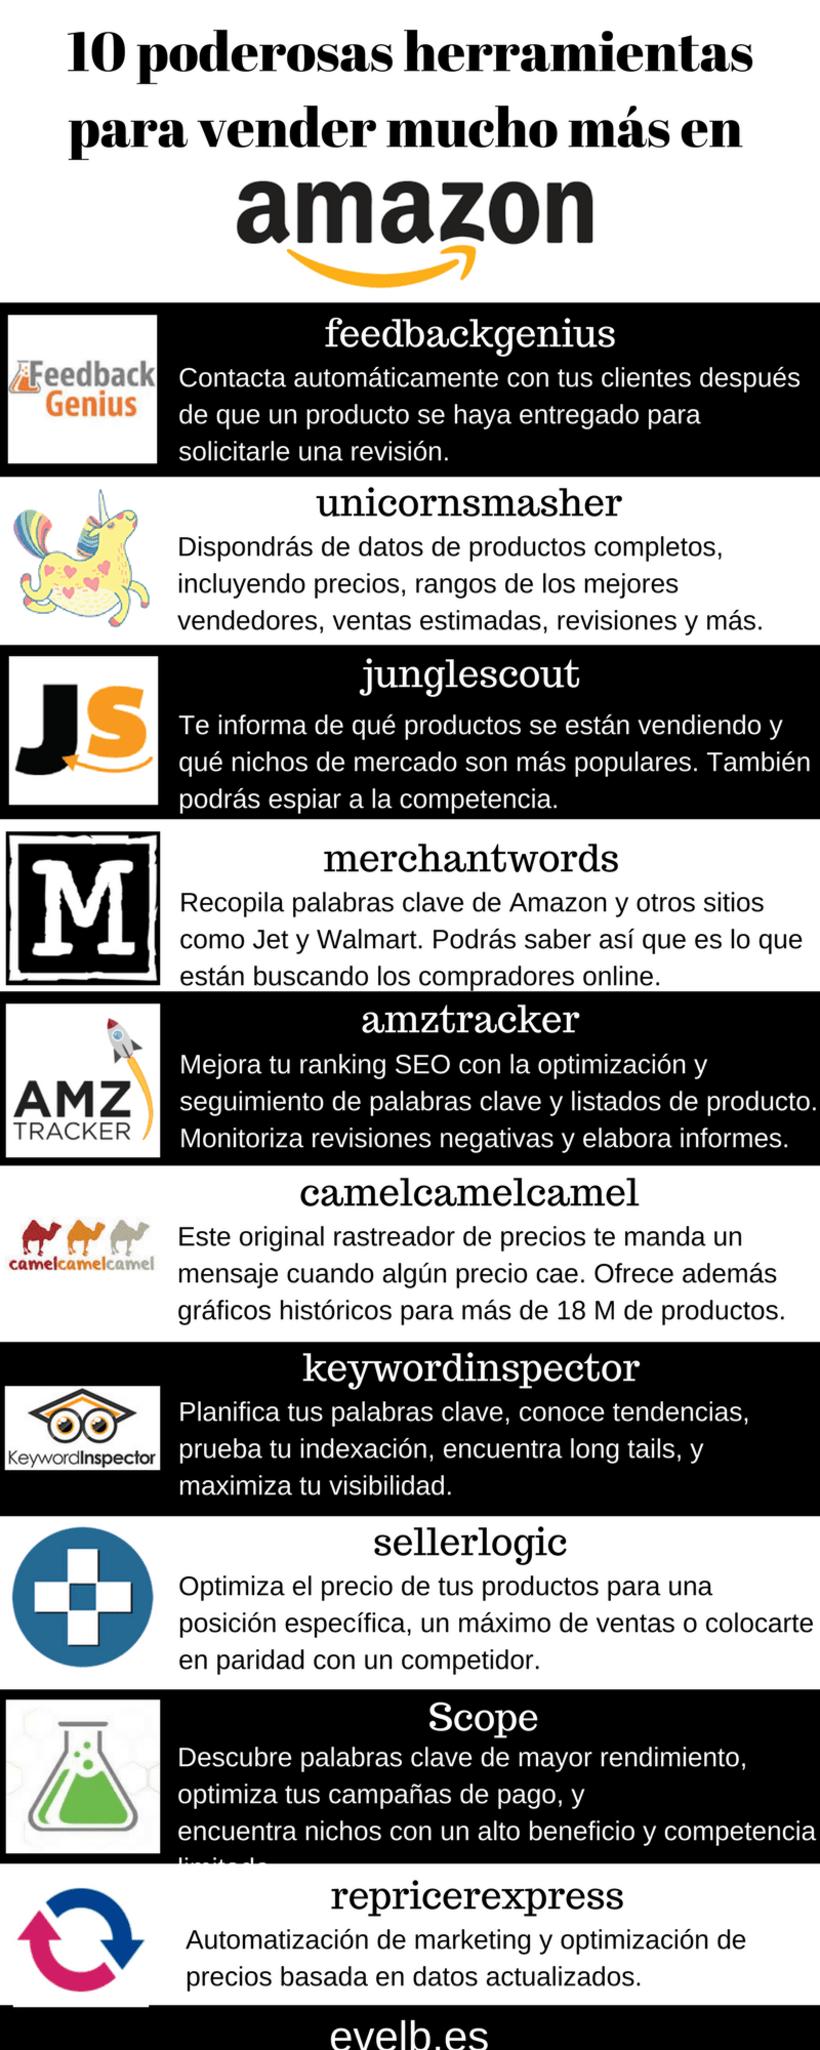 Infografías evelb.es 22